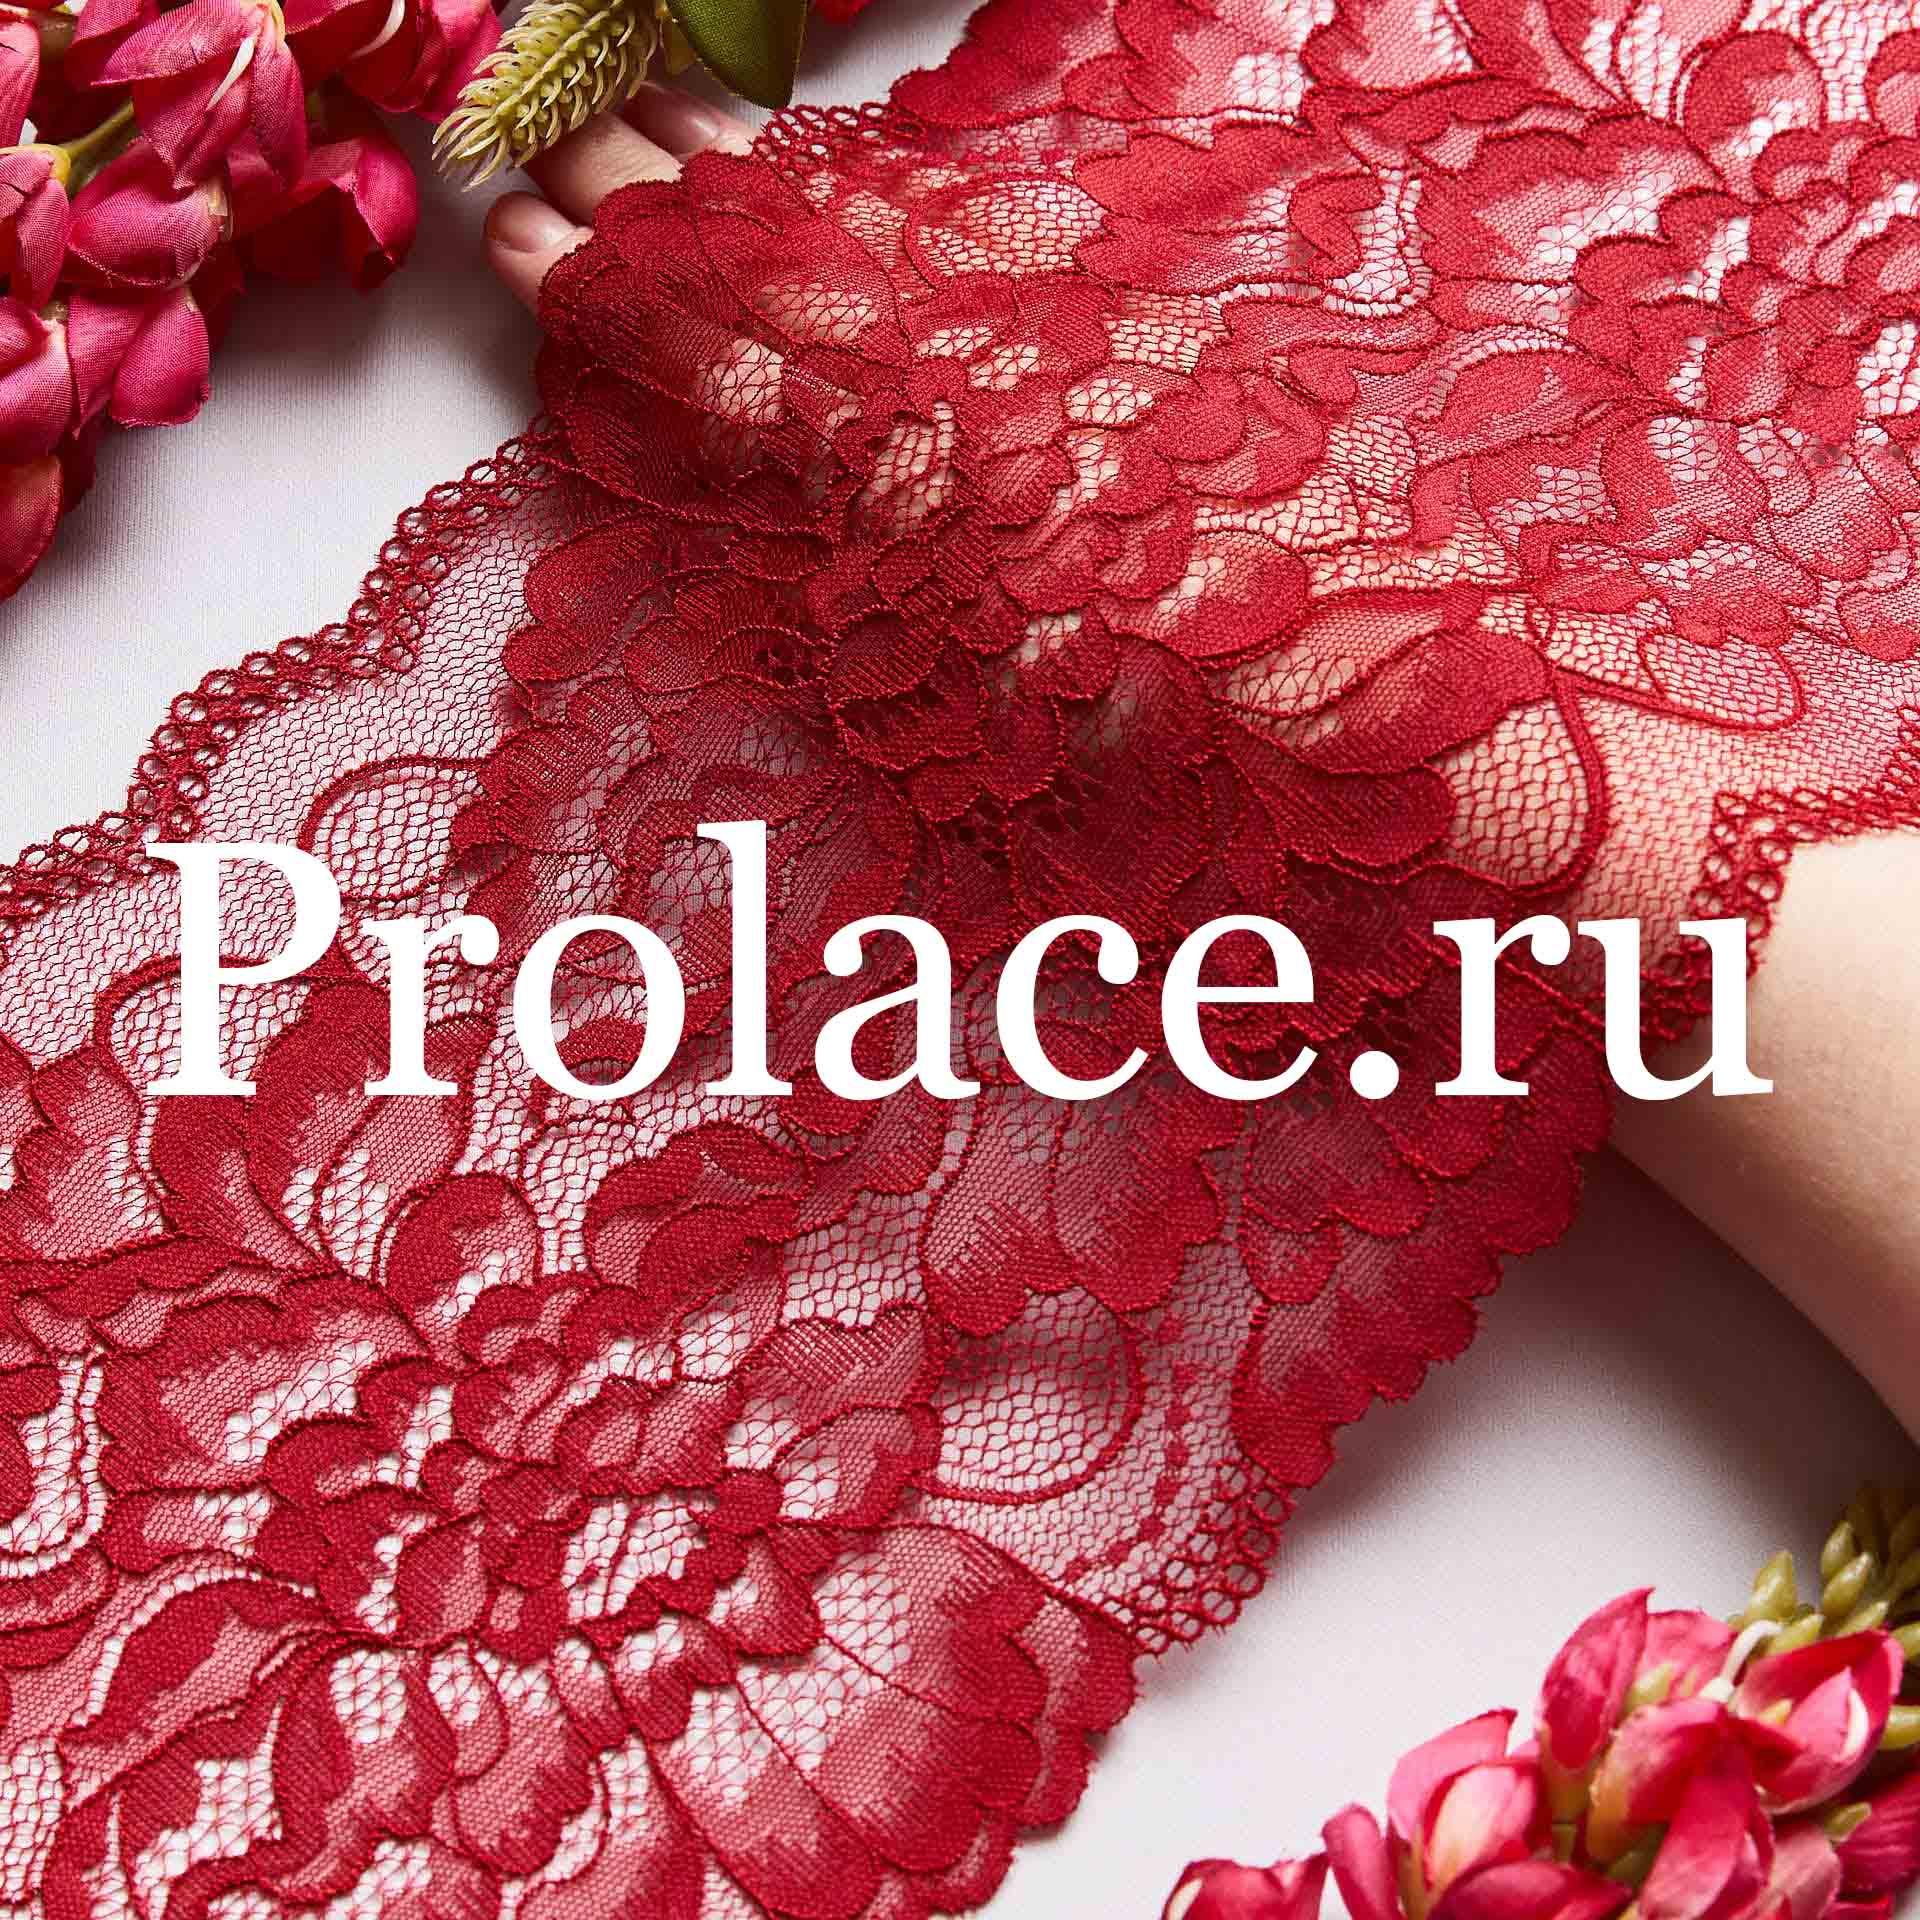 new lace prolace.ru 2305202000539